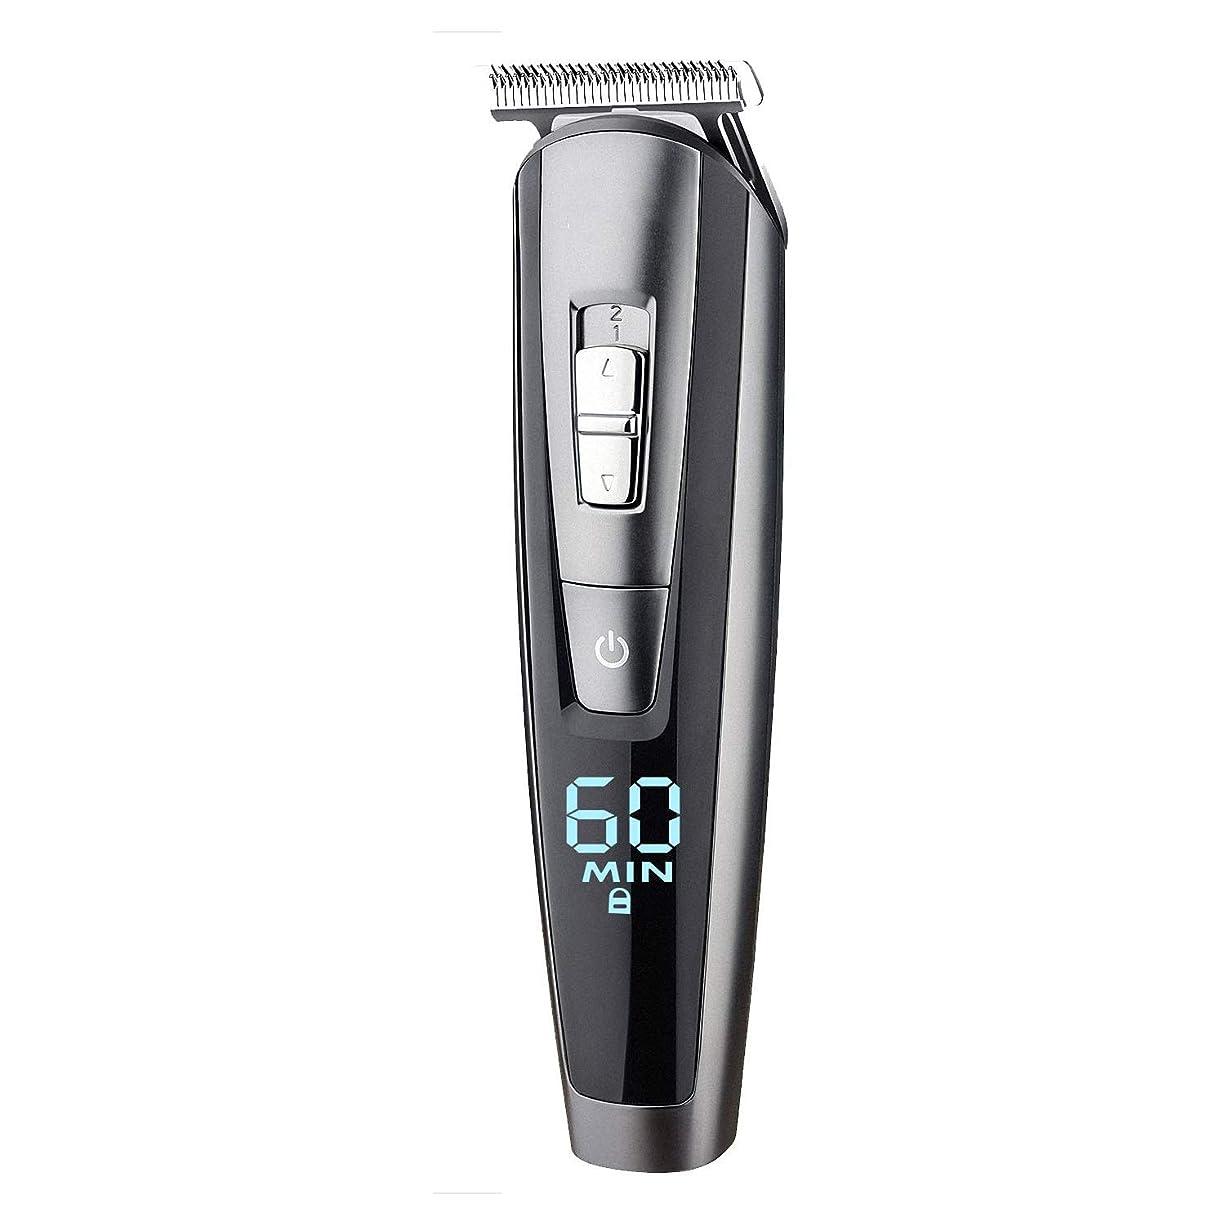 トライアスロン艶メトロポリタンひげトリマー男性用コードレス口ひげボディトリマーヘアトリマートリマーキット精密トリマー鼻毛トリマー防水USB充電式